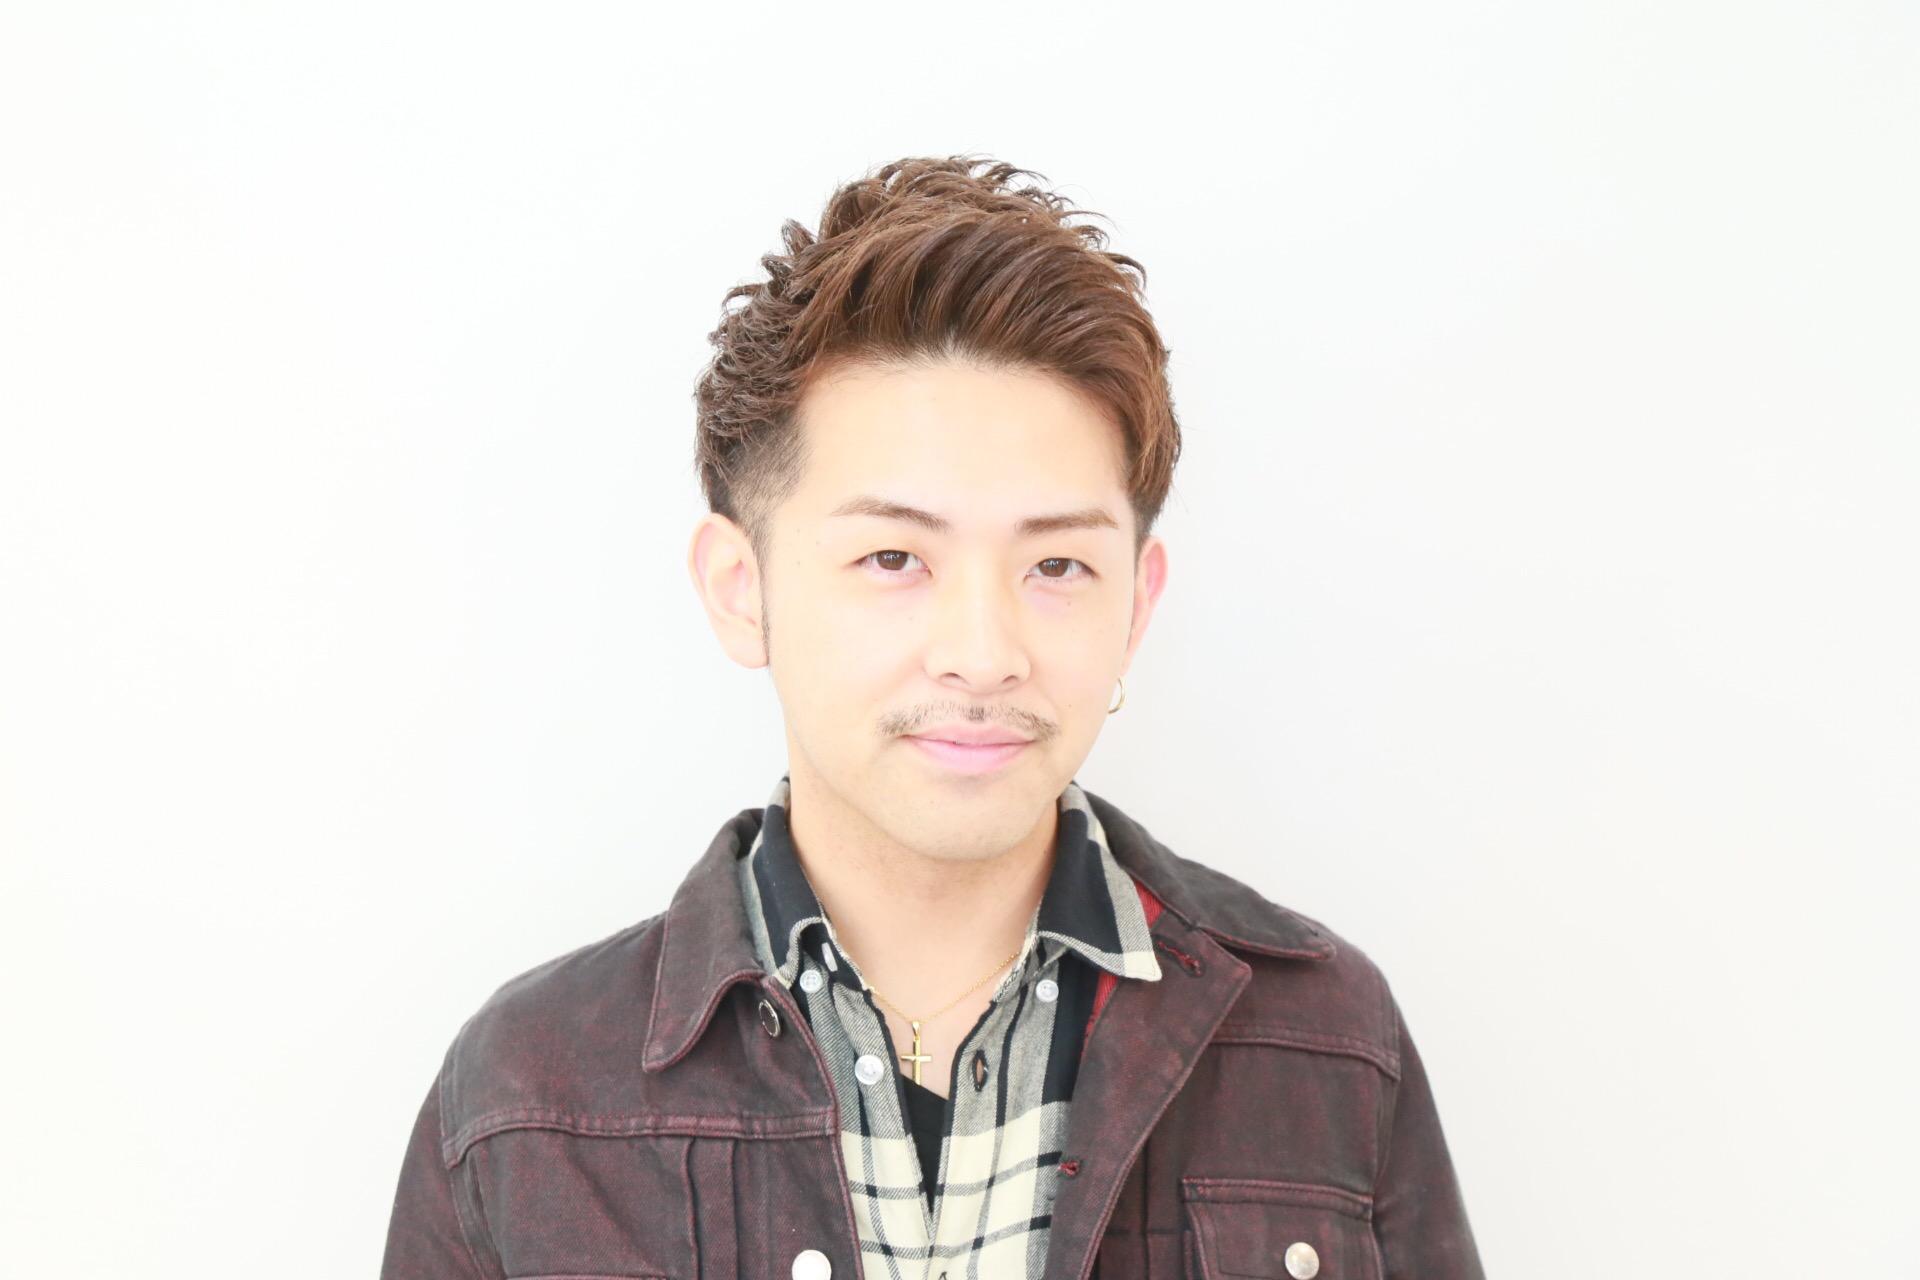 日立市美容室 ヘアサロン maru. マル スタイリスト 秋山